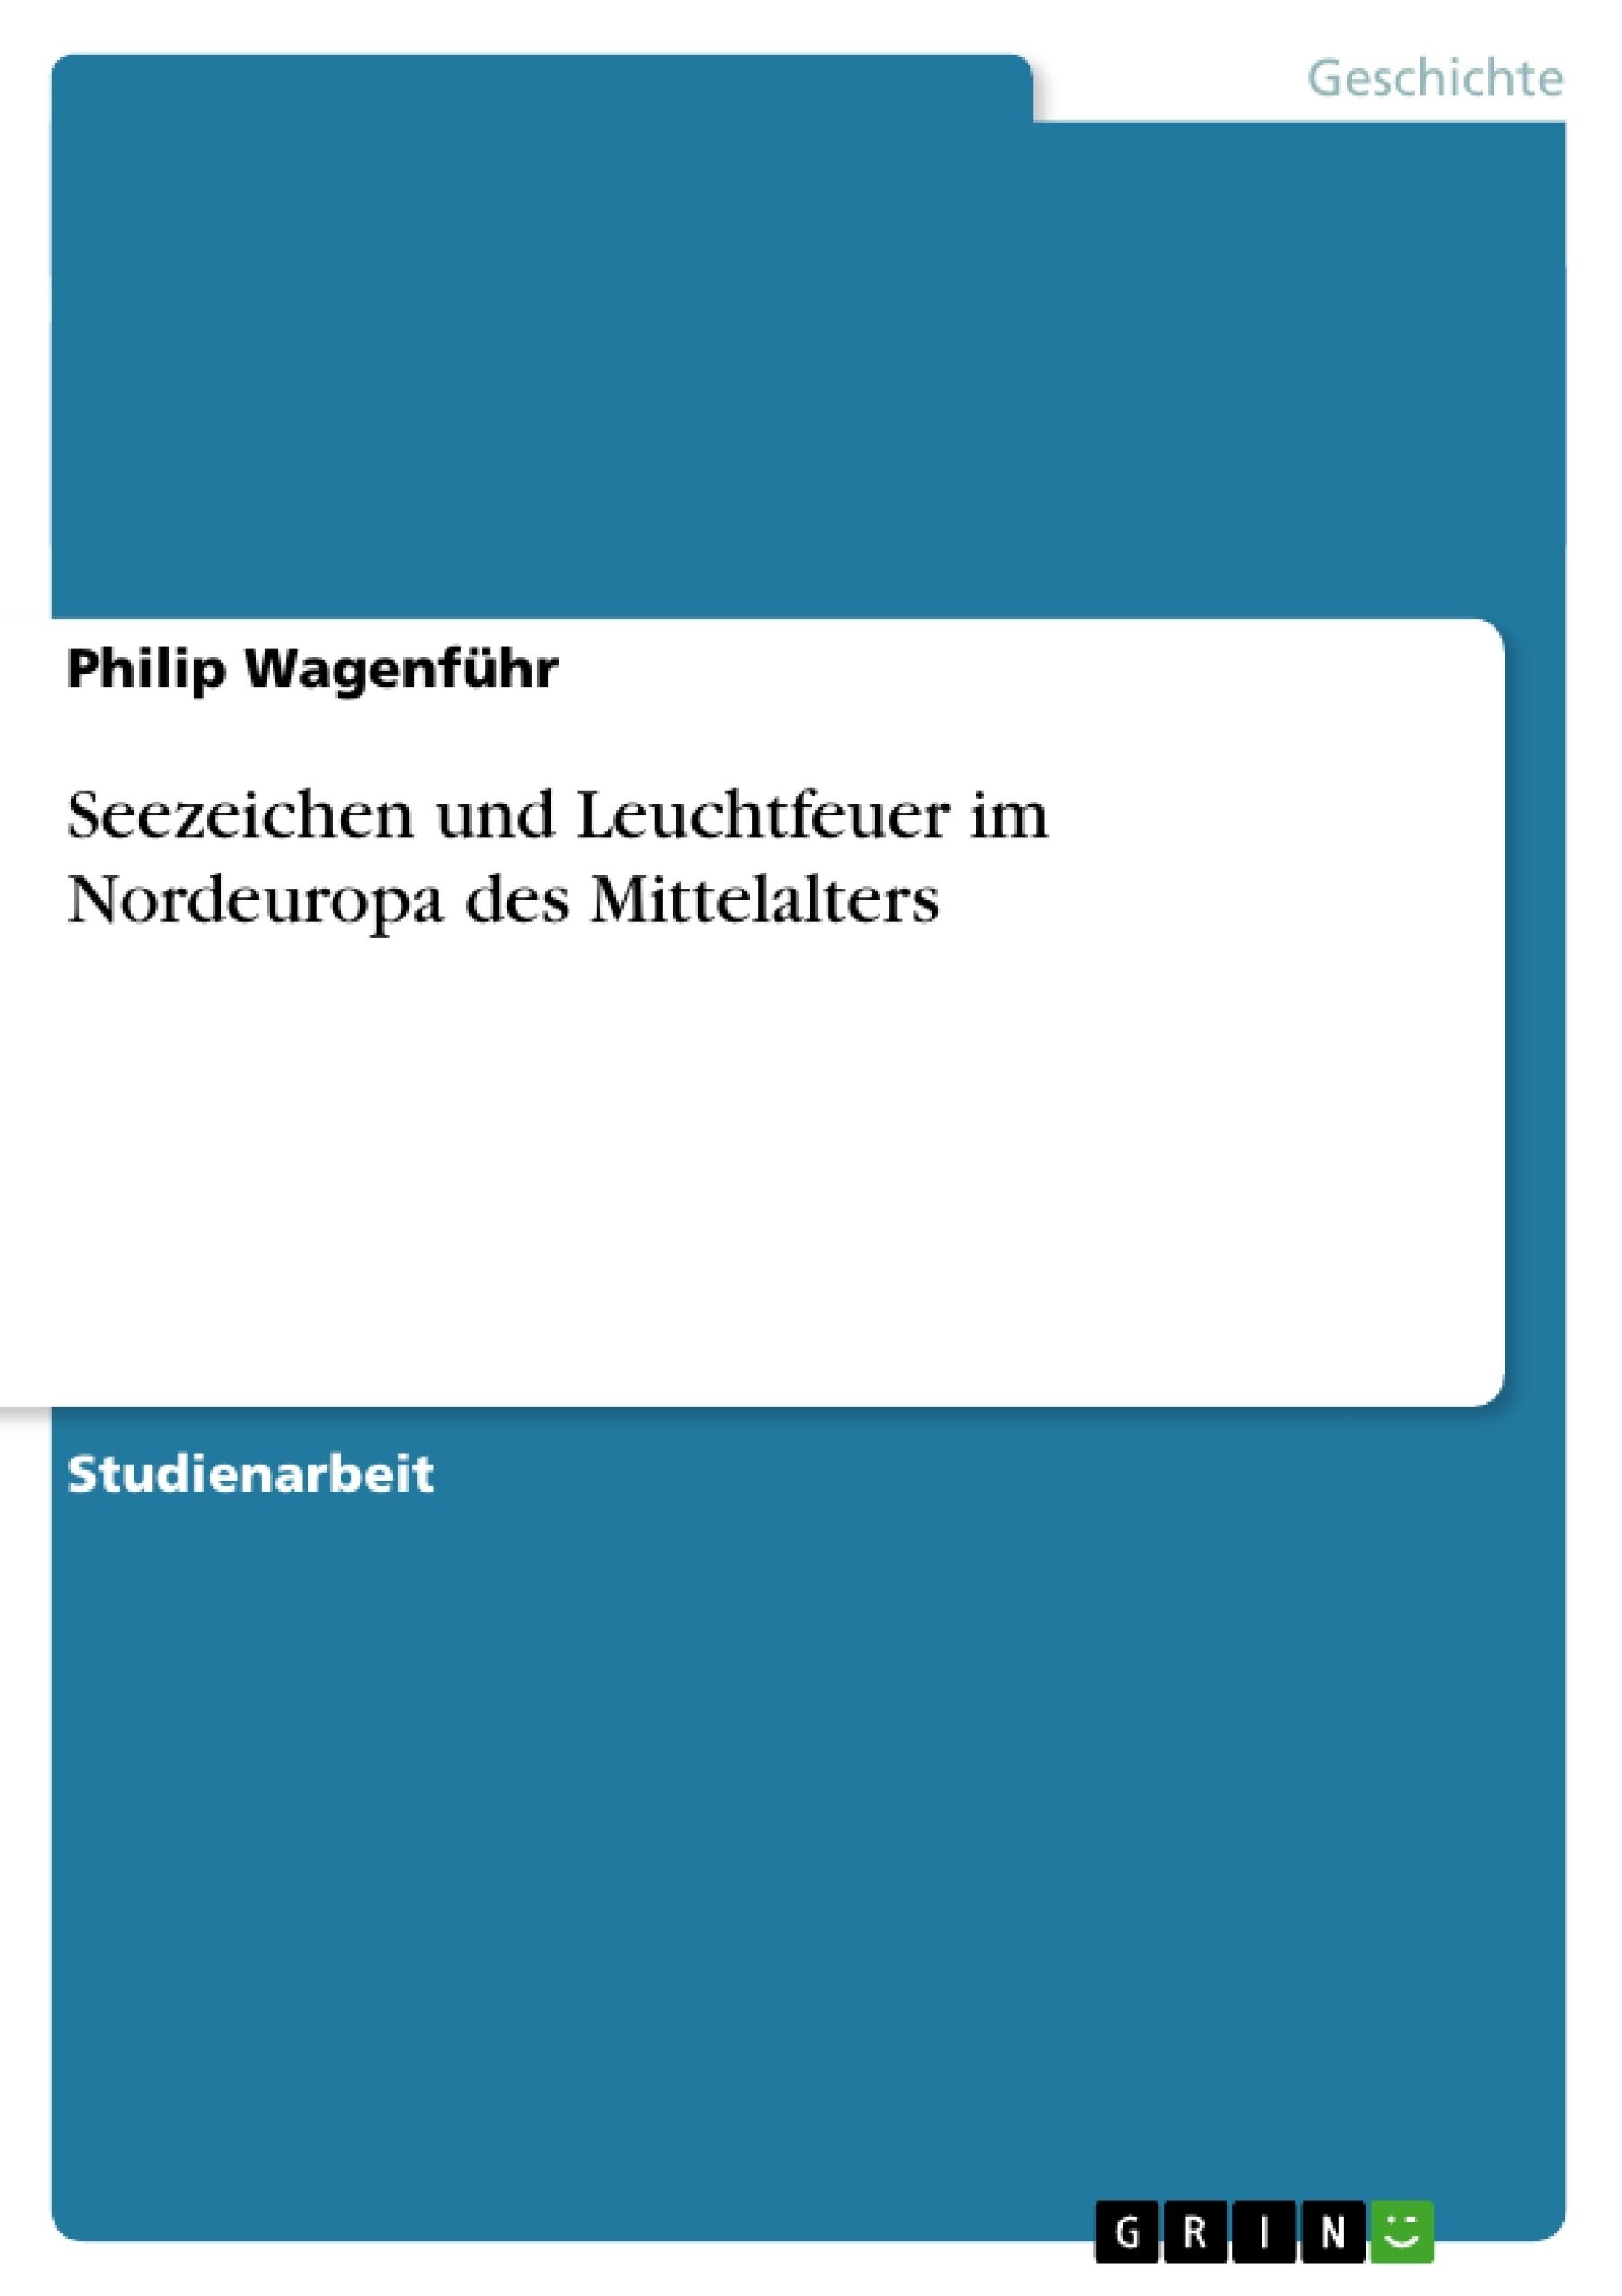 Titel: Seezeichen und Leuchtfeuer im Nordeuropa des Mittelalters